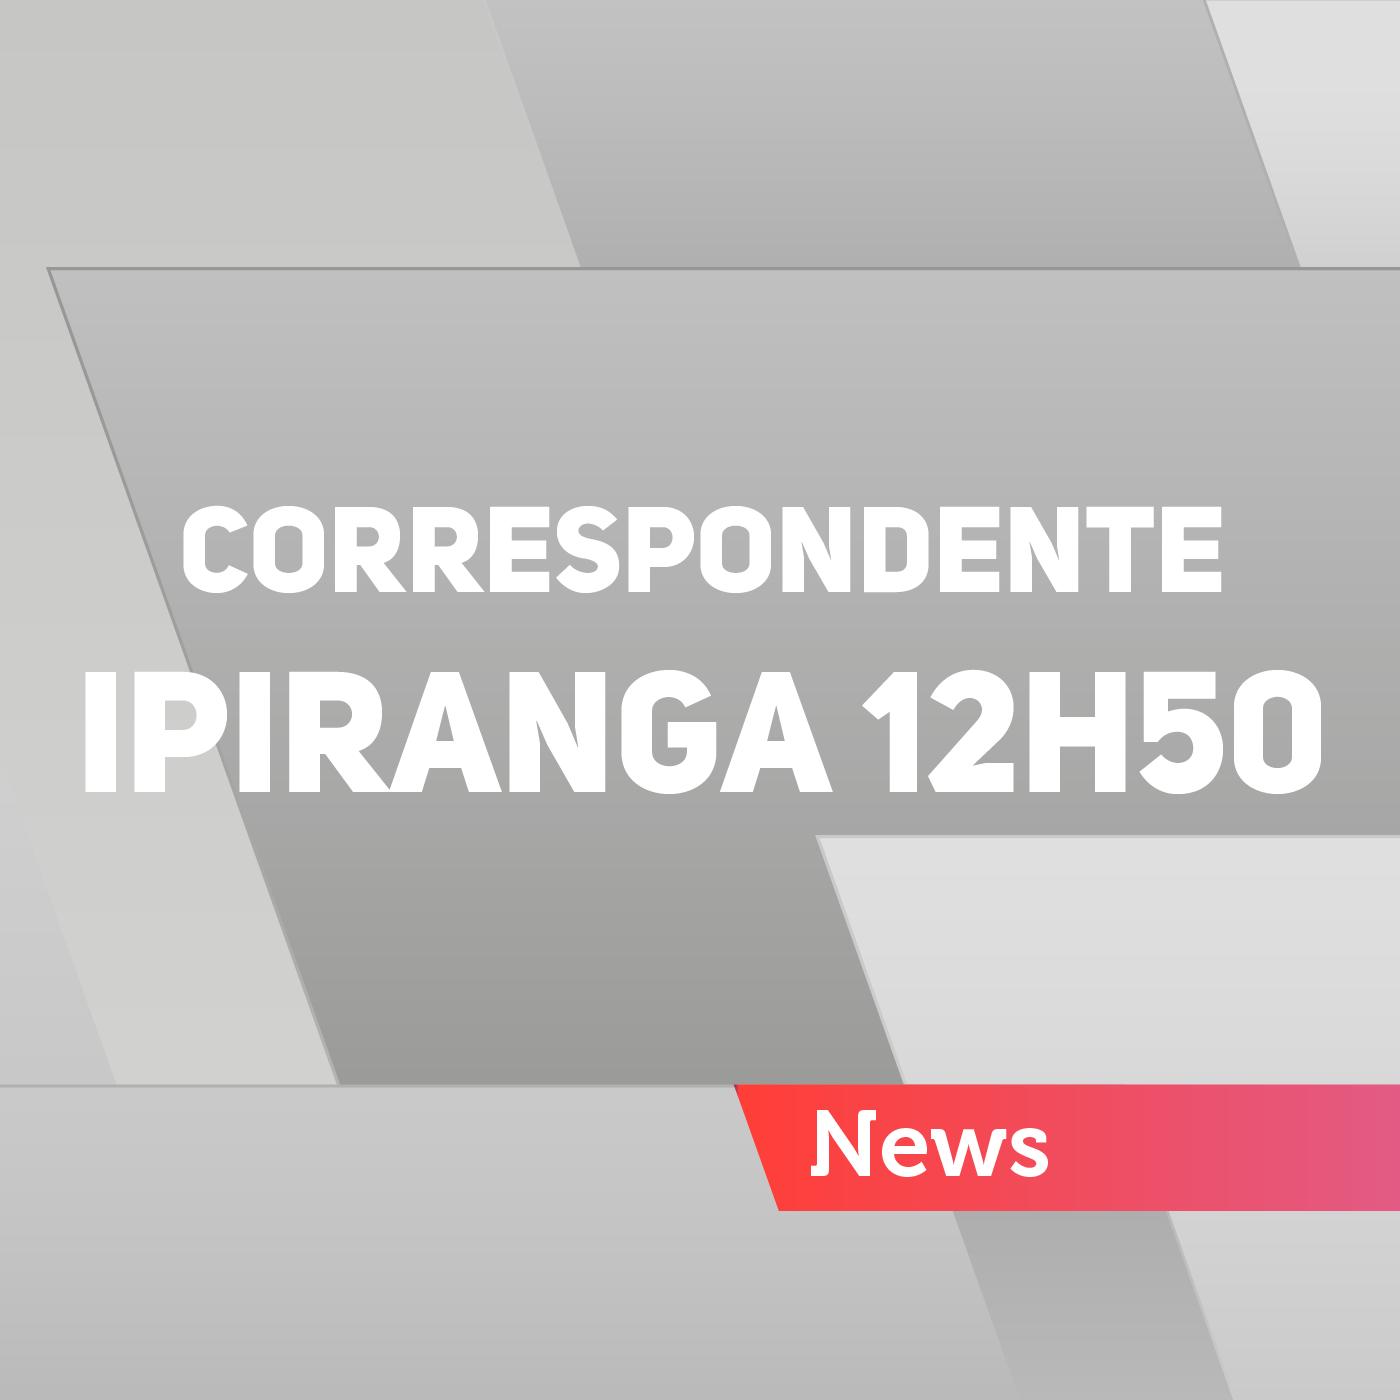 Correspondente Ipiranga 12h50 – 29/04/2017